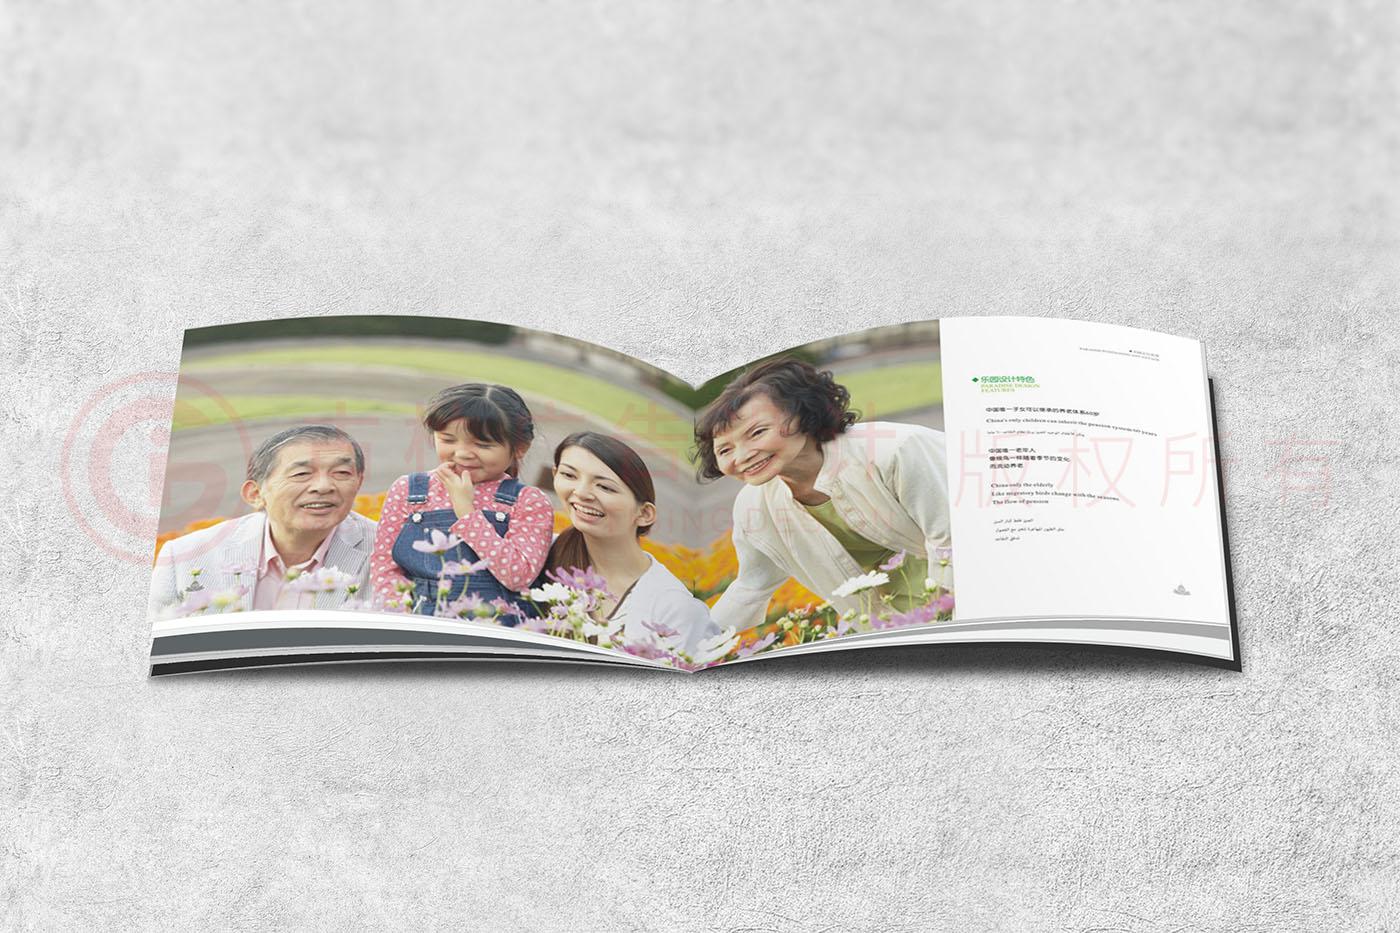 创意旅游画册设计,旅游画册设计公司